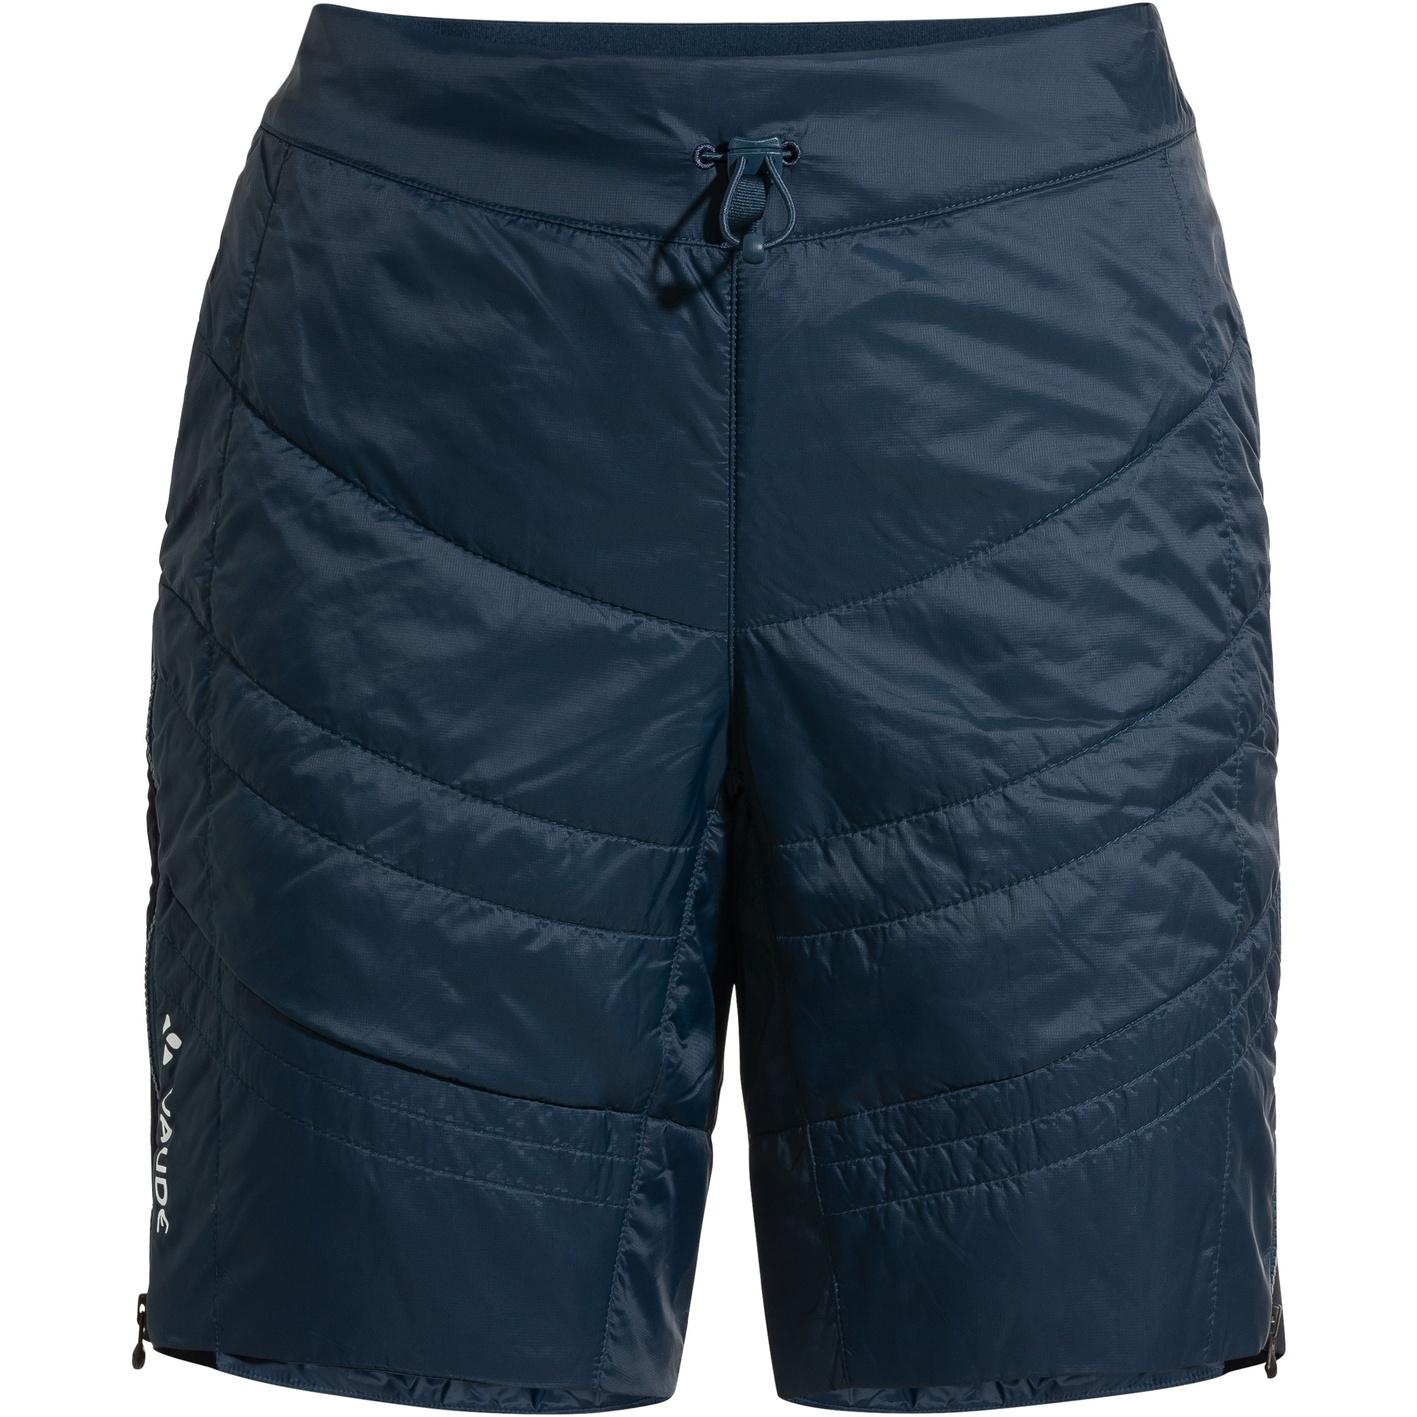 Vaude Women's Sesvenna Shorts II - dark sea